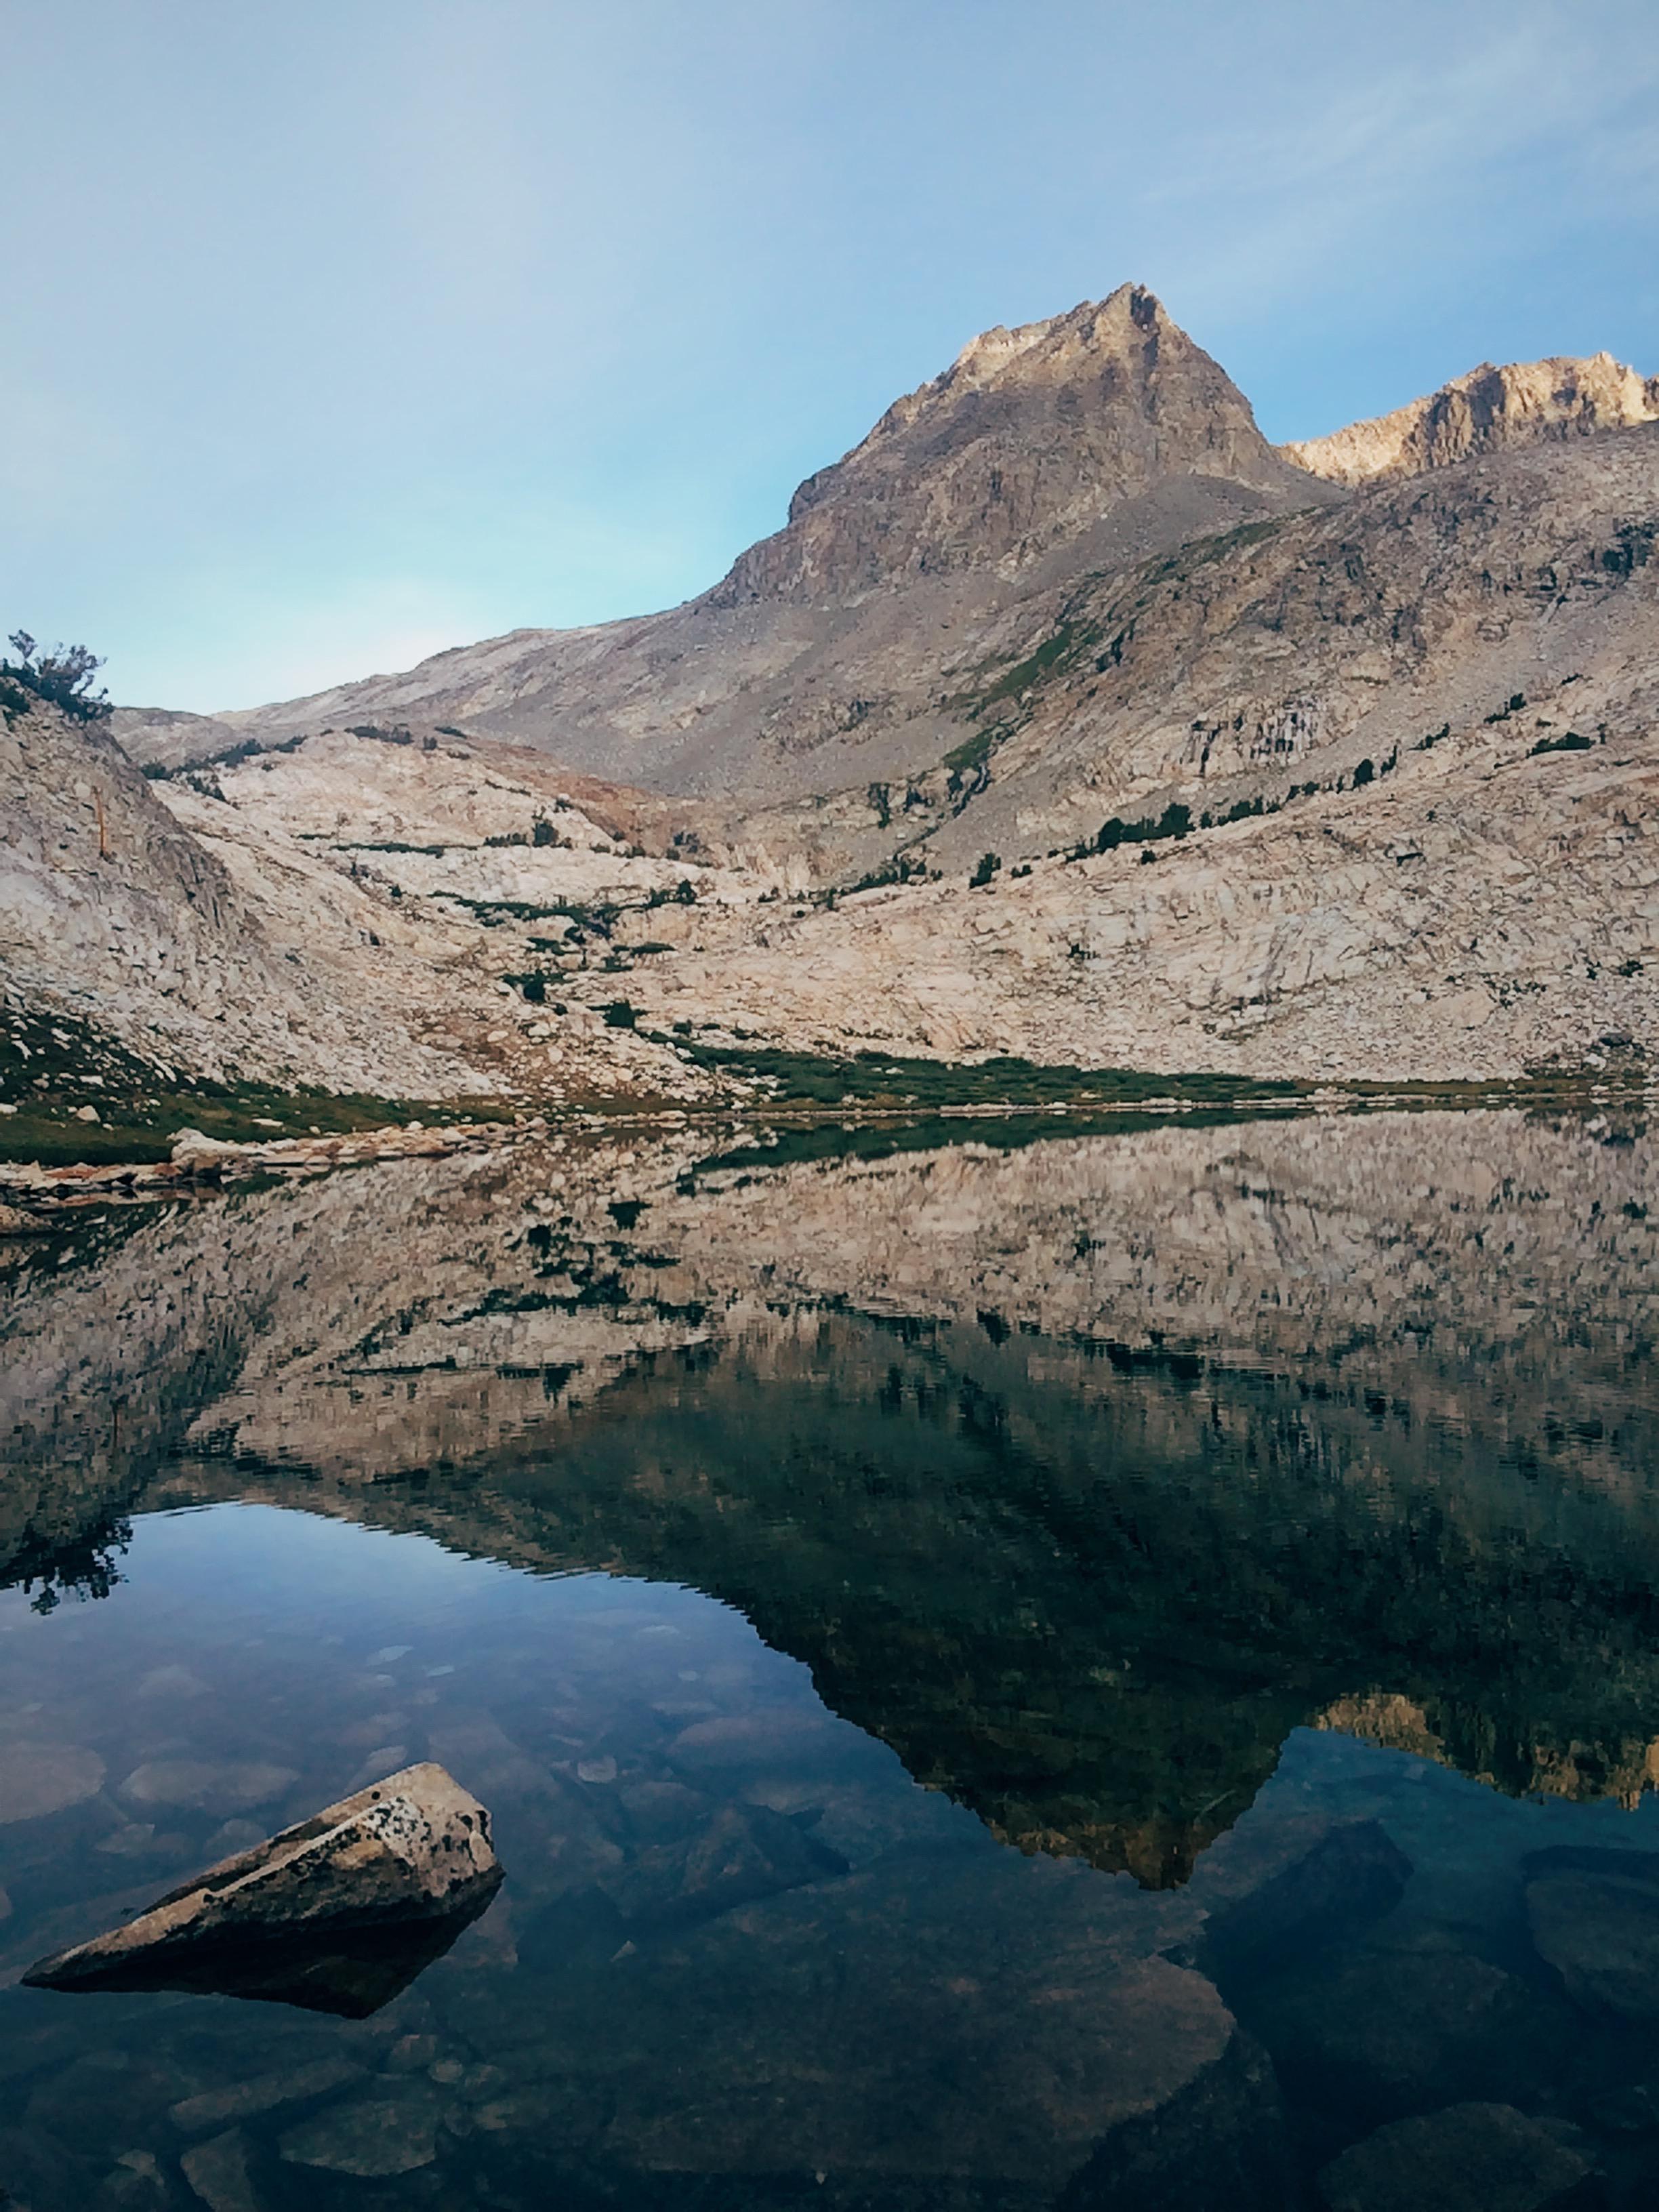 Stunning views at the unnamed lake at 10,800'.